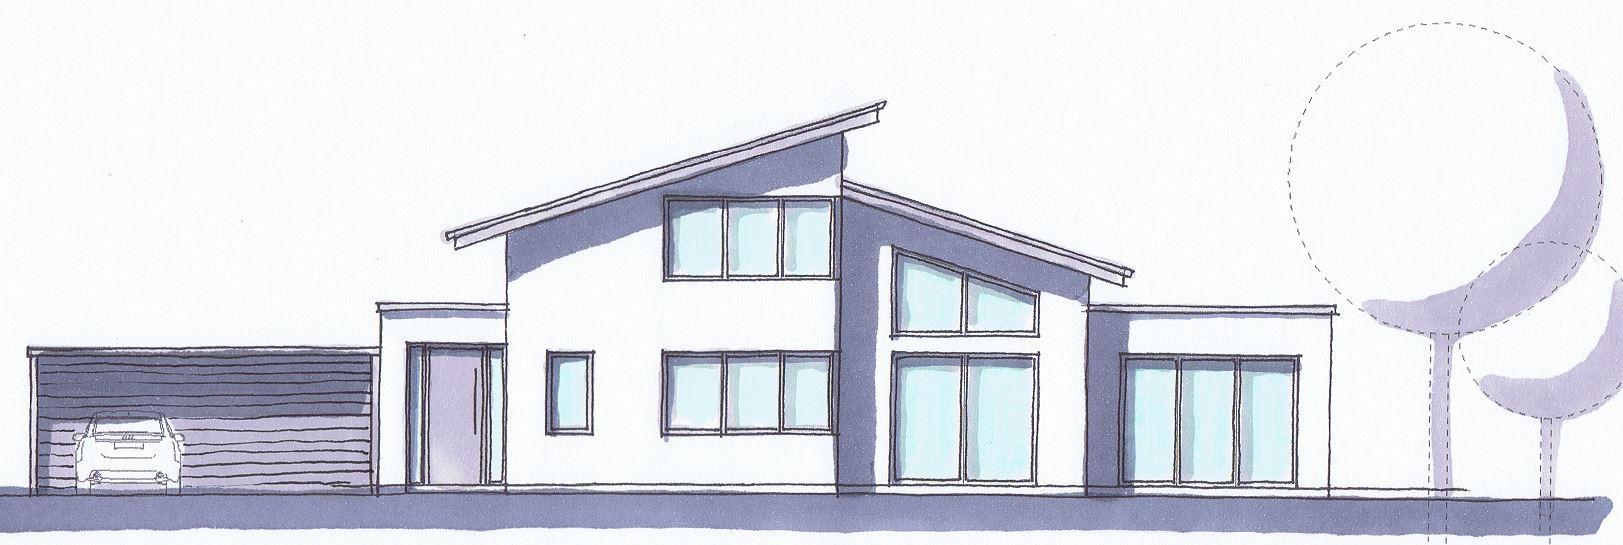 Vorentwurf für ein Wohnhaus